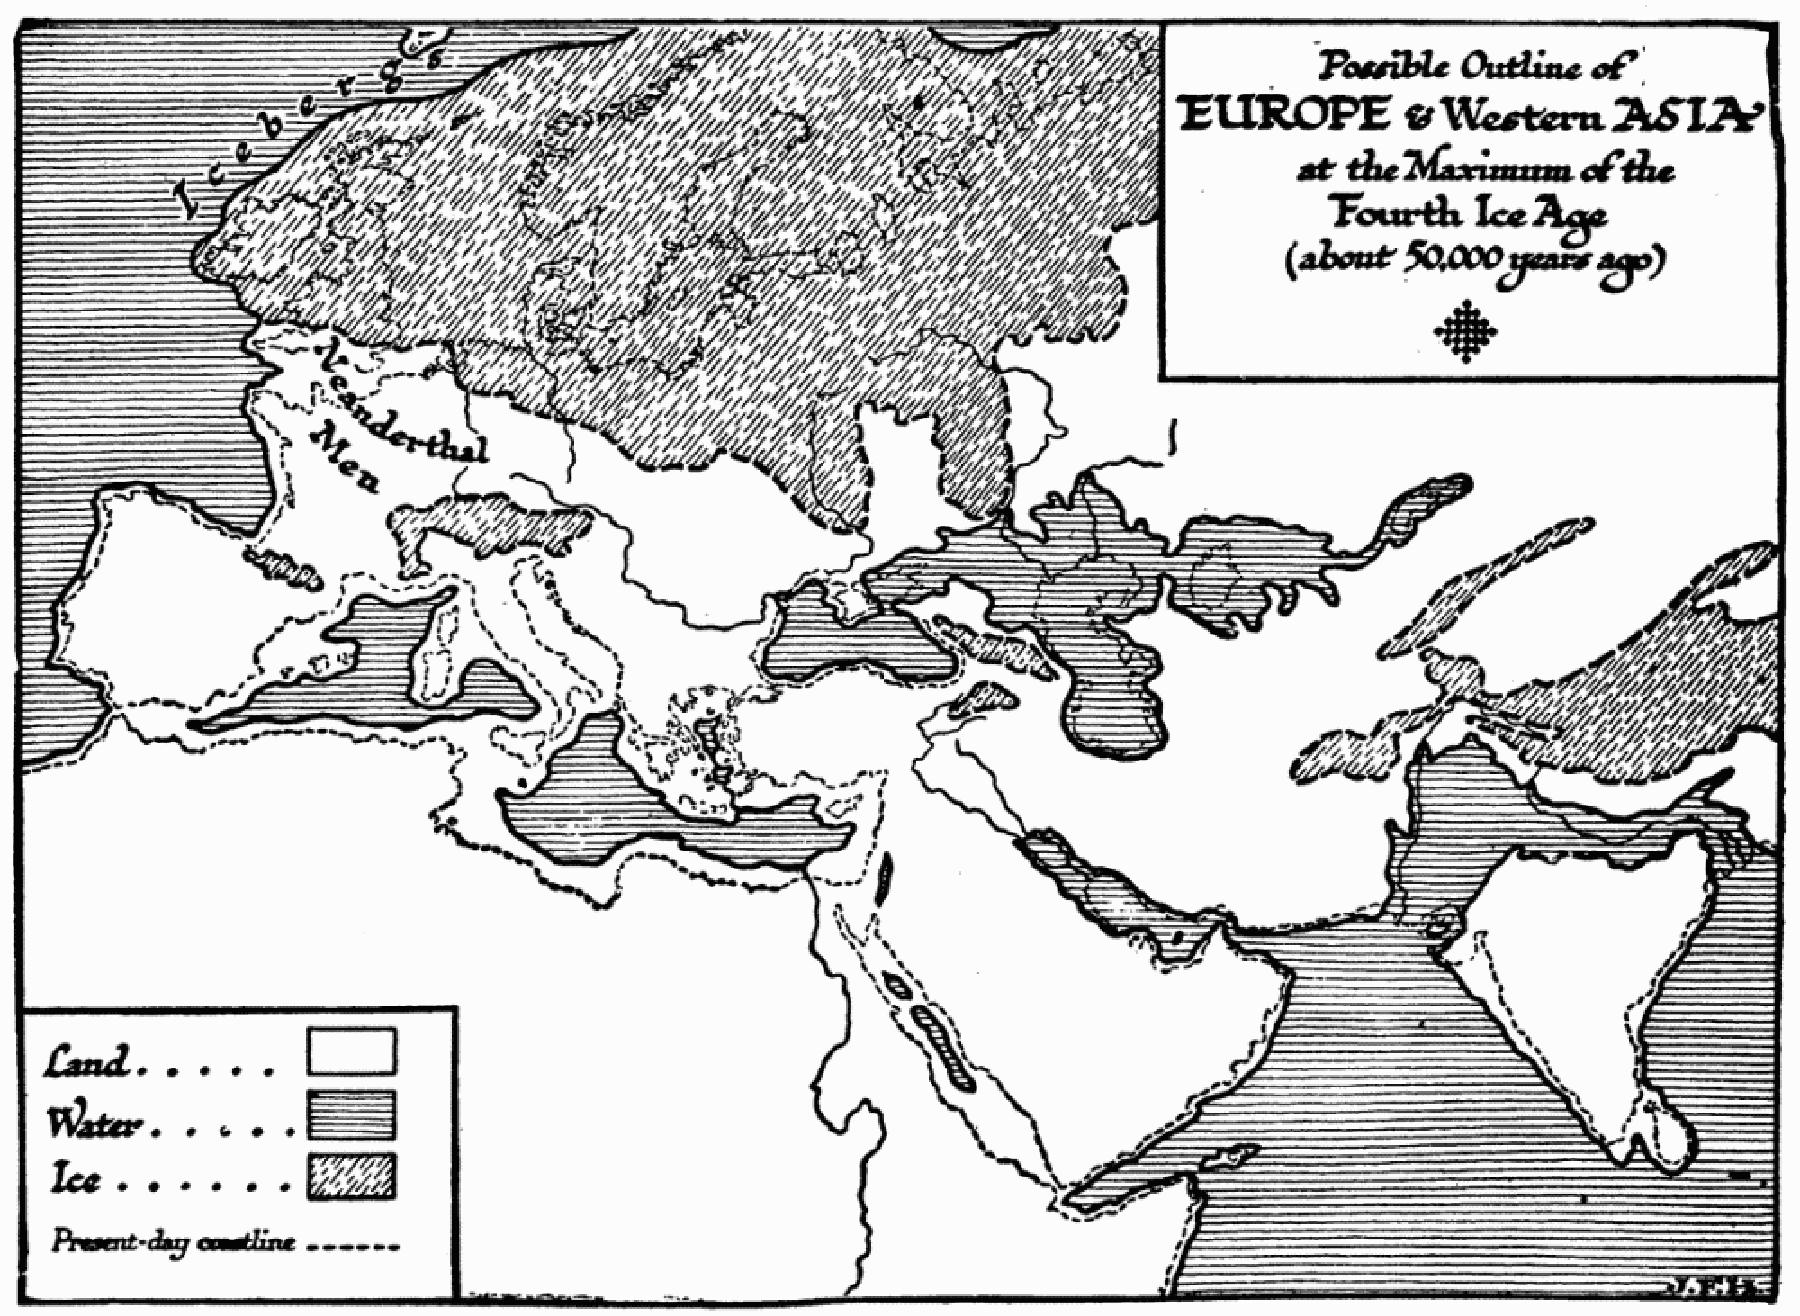 50 ہزار برس قبل کا جغرافیائی حالات